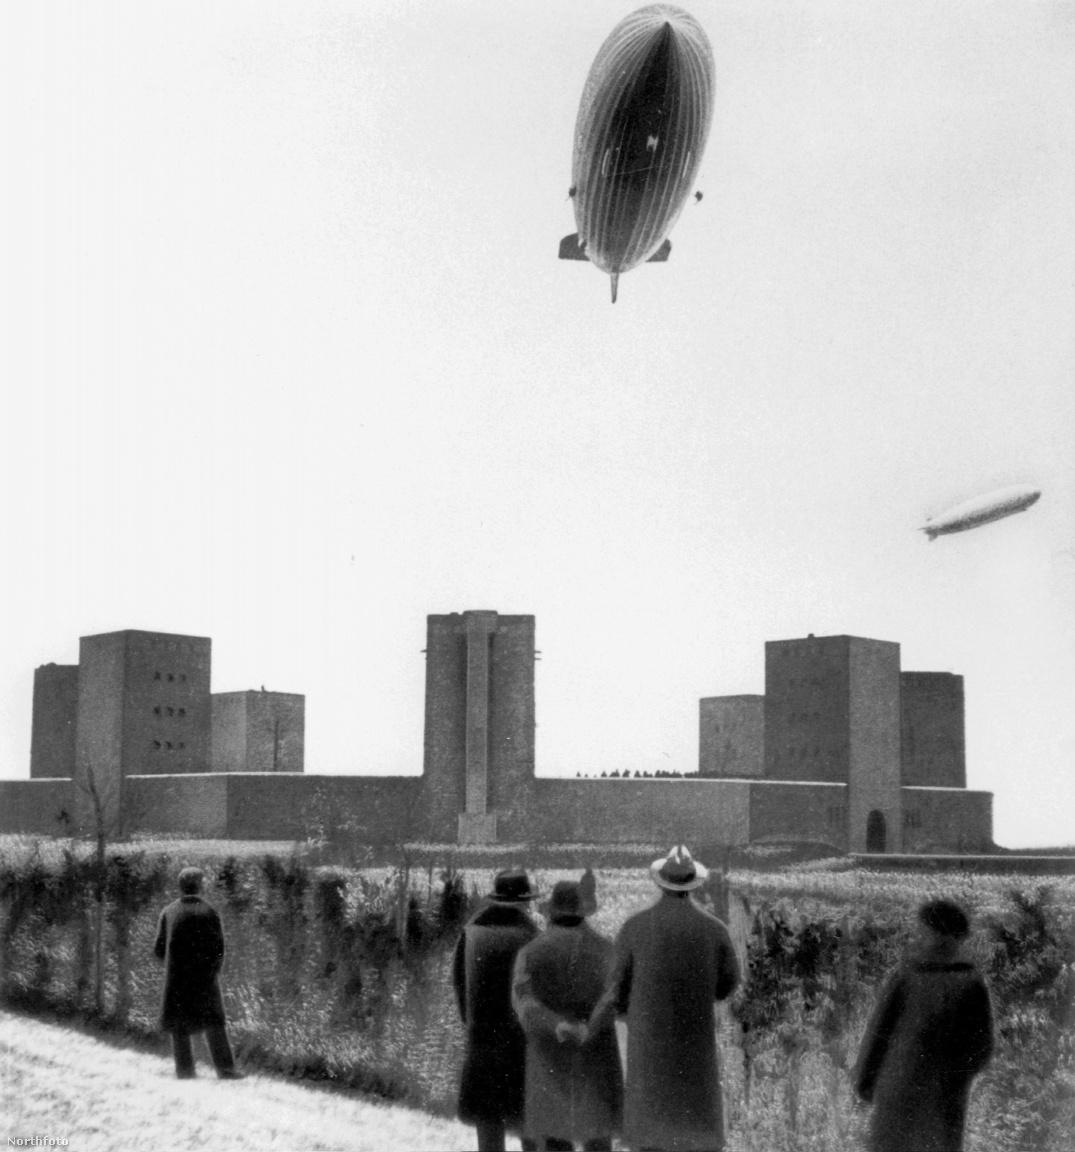 1936. március 28. A Hindenburg és a Graf Zeppelin közös repülése Németországban. A képen épp a Tannenberg emlékmű fölött haladnak el.